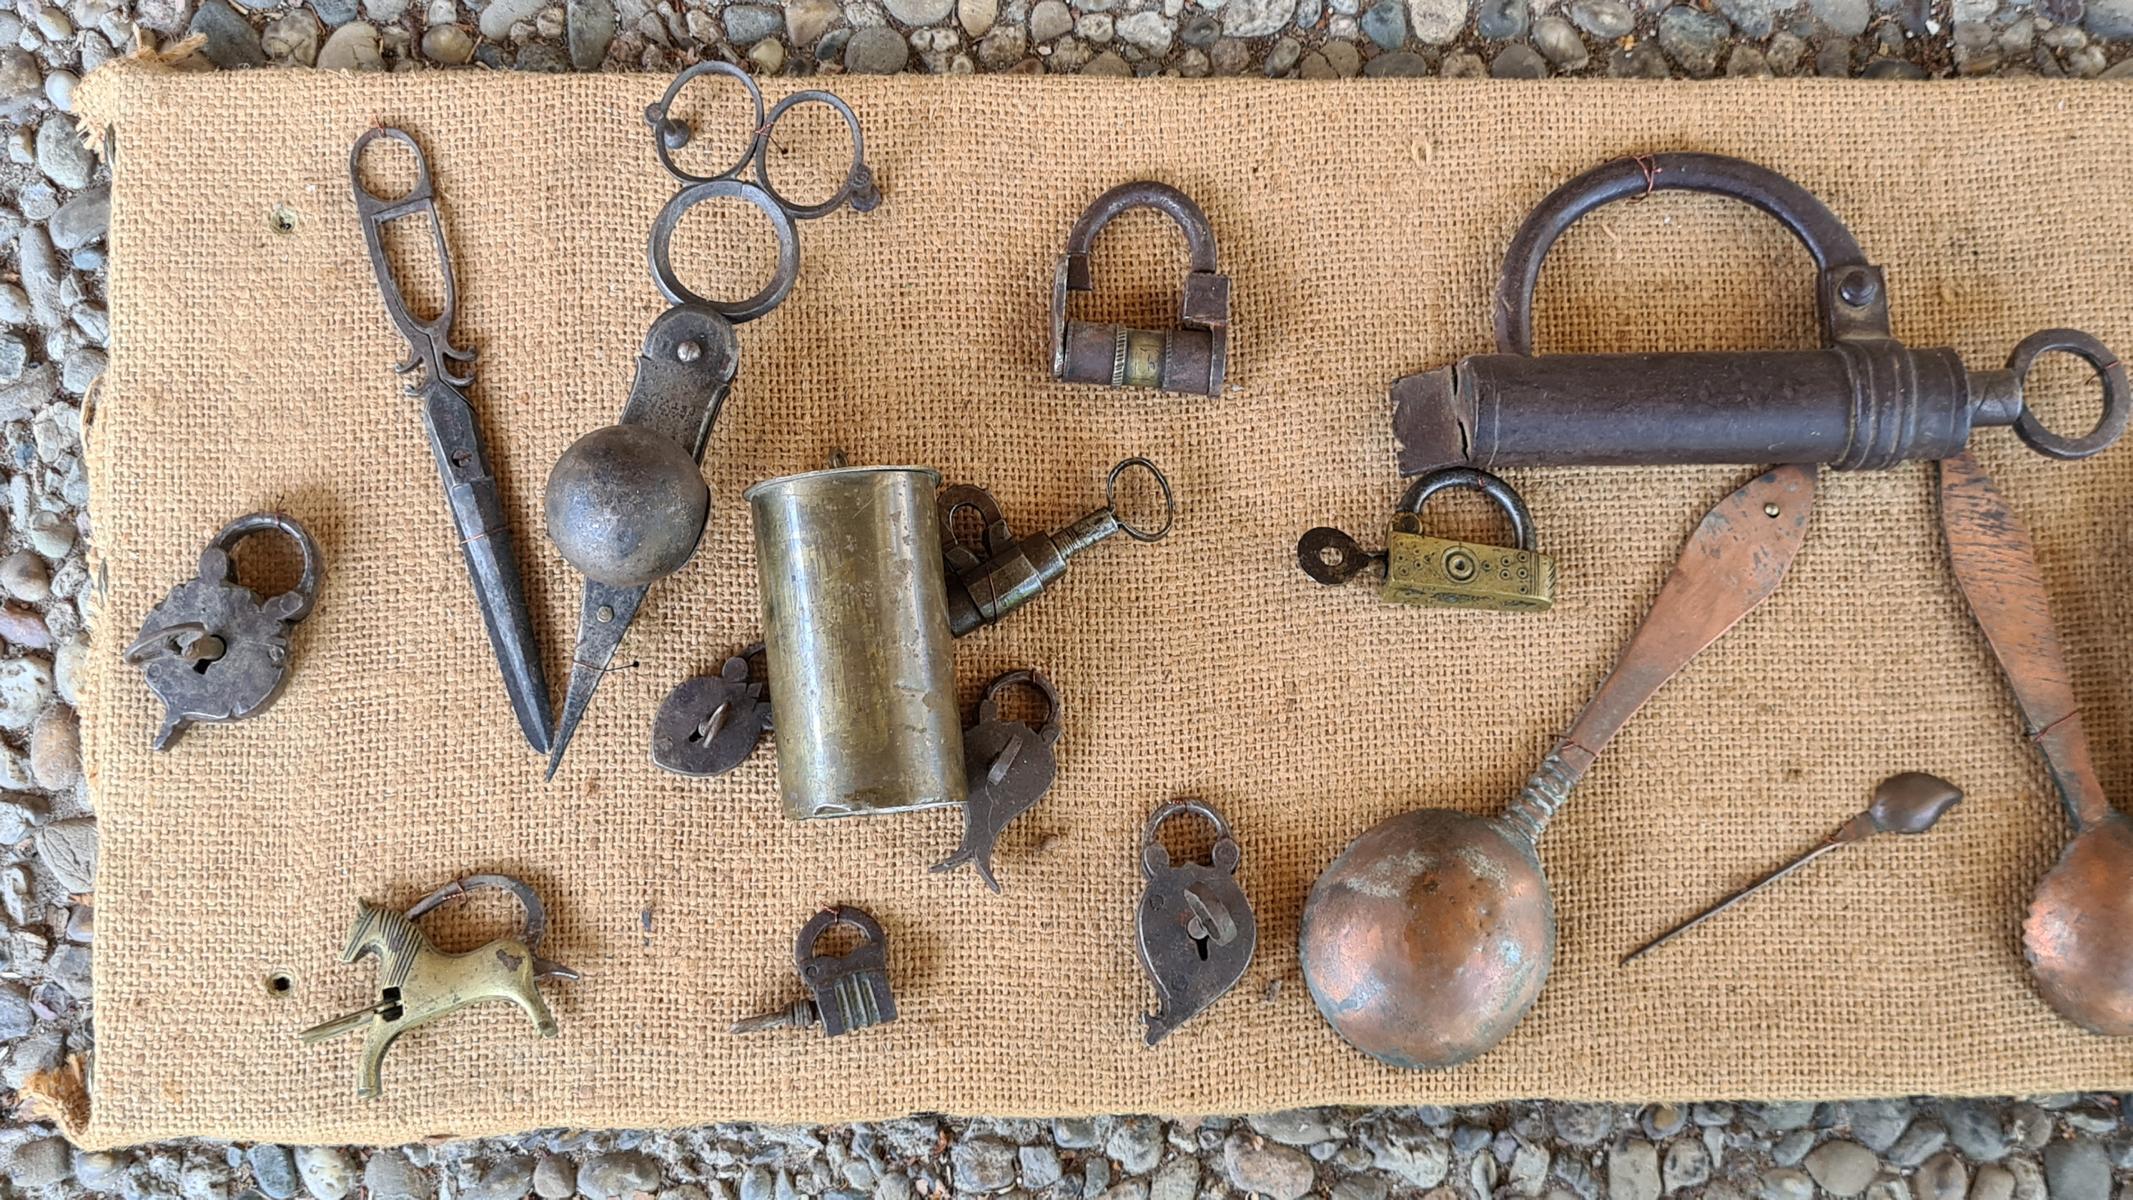 Sammlung Vorhängeschlössern mit Schlüssel, Löffel und Scheren, 18./19. Jahrhundert-2